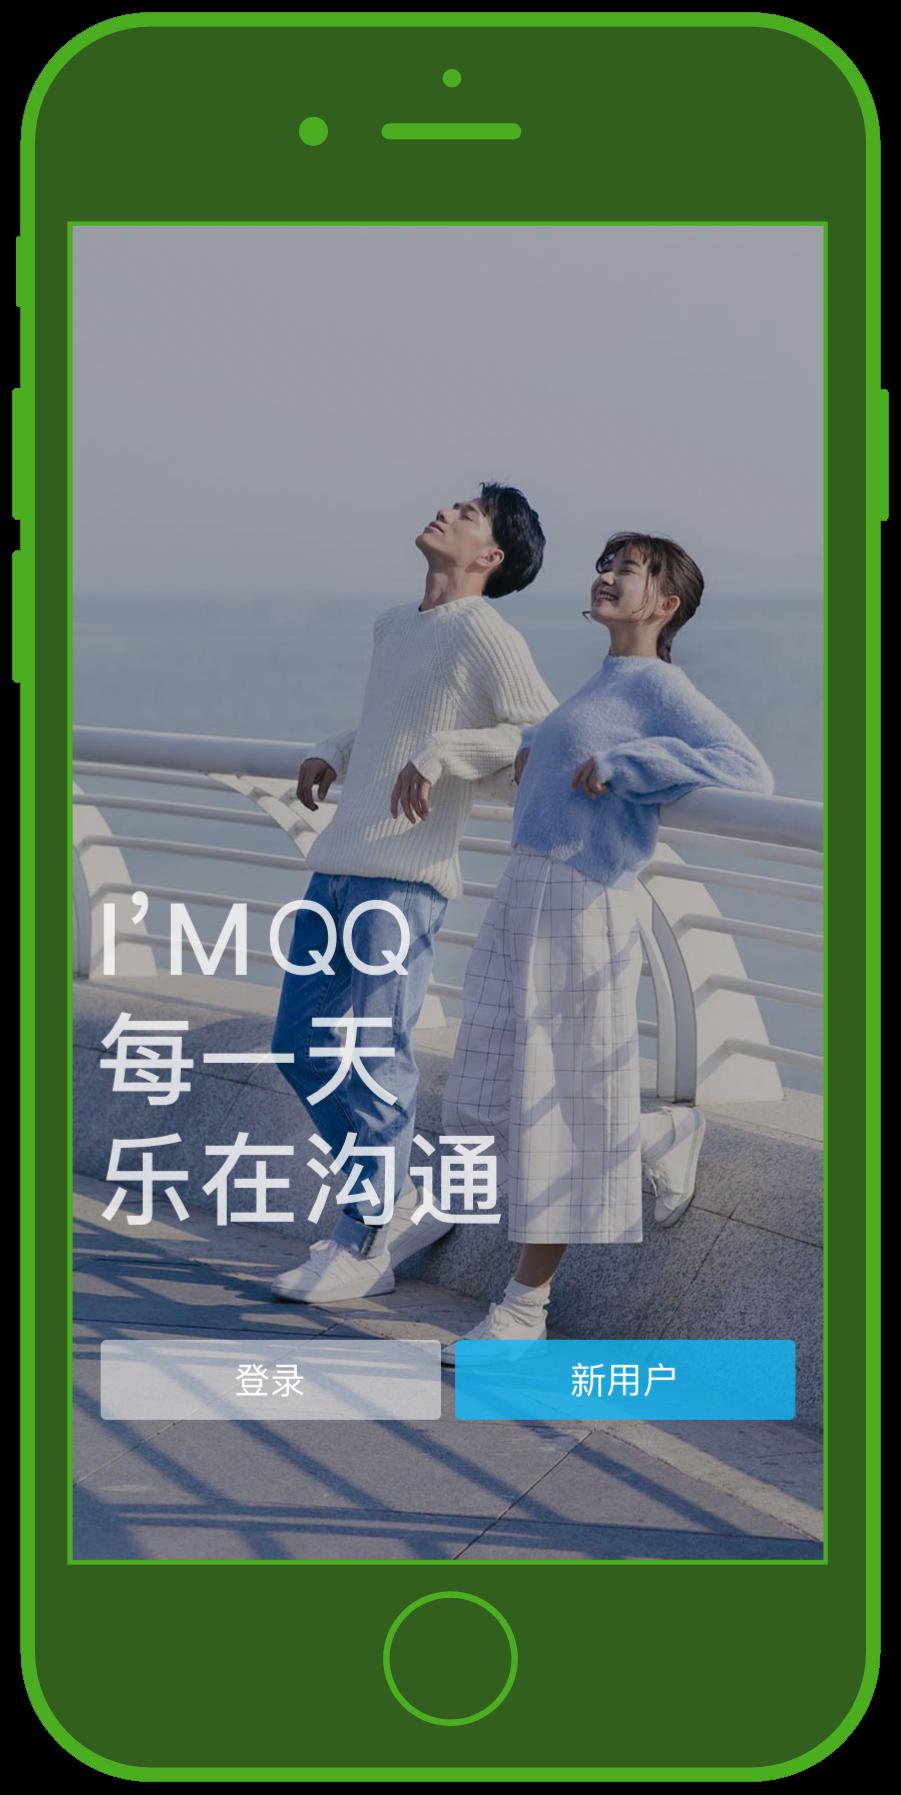 Messaging Apps & Brands QQ Messenger Anmeldung